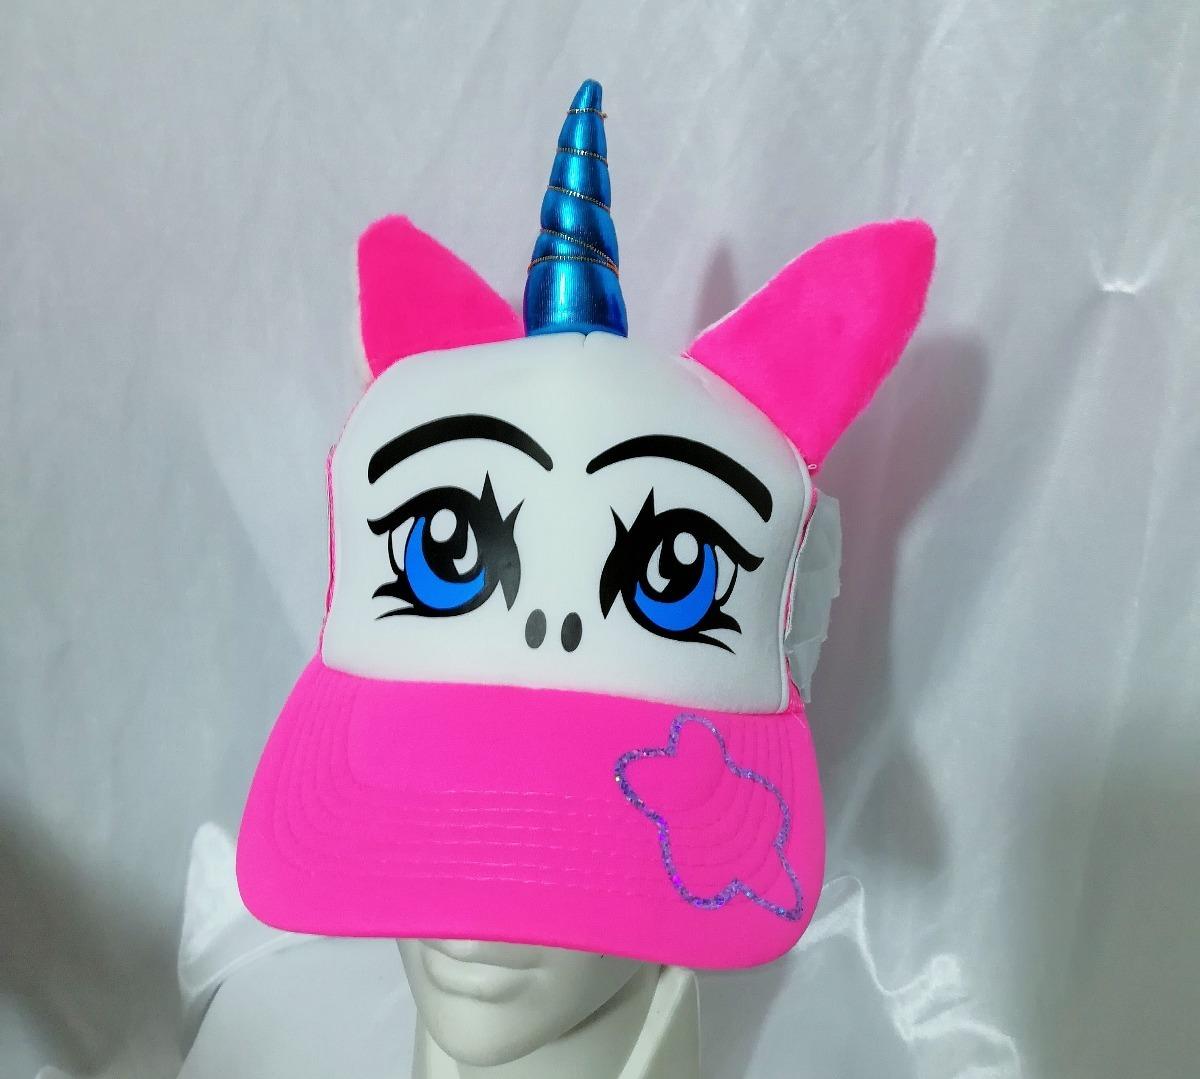 Gorra Estich Azul Picachu Sailor Moon Unicornio Totoro Panda ... bd4b7186ea1